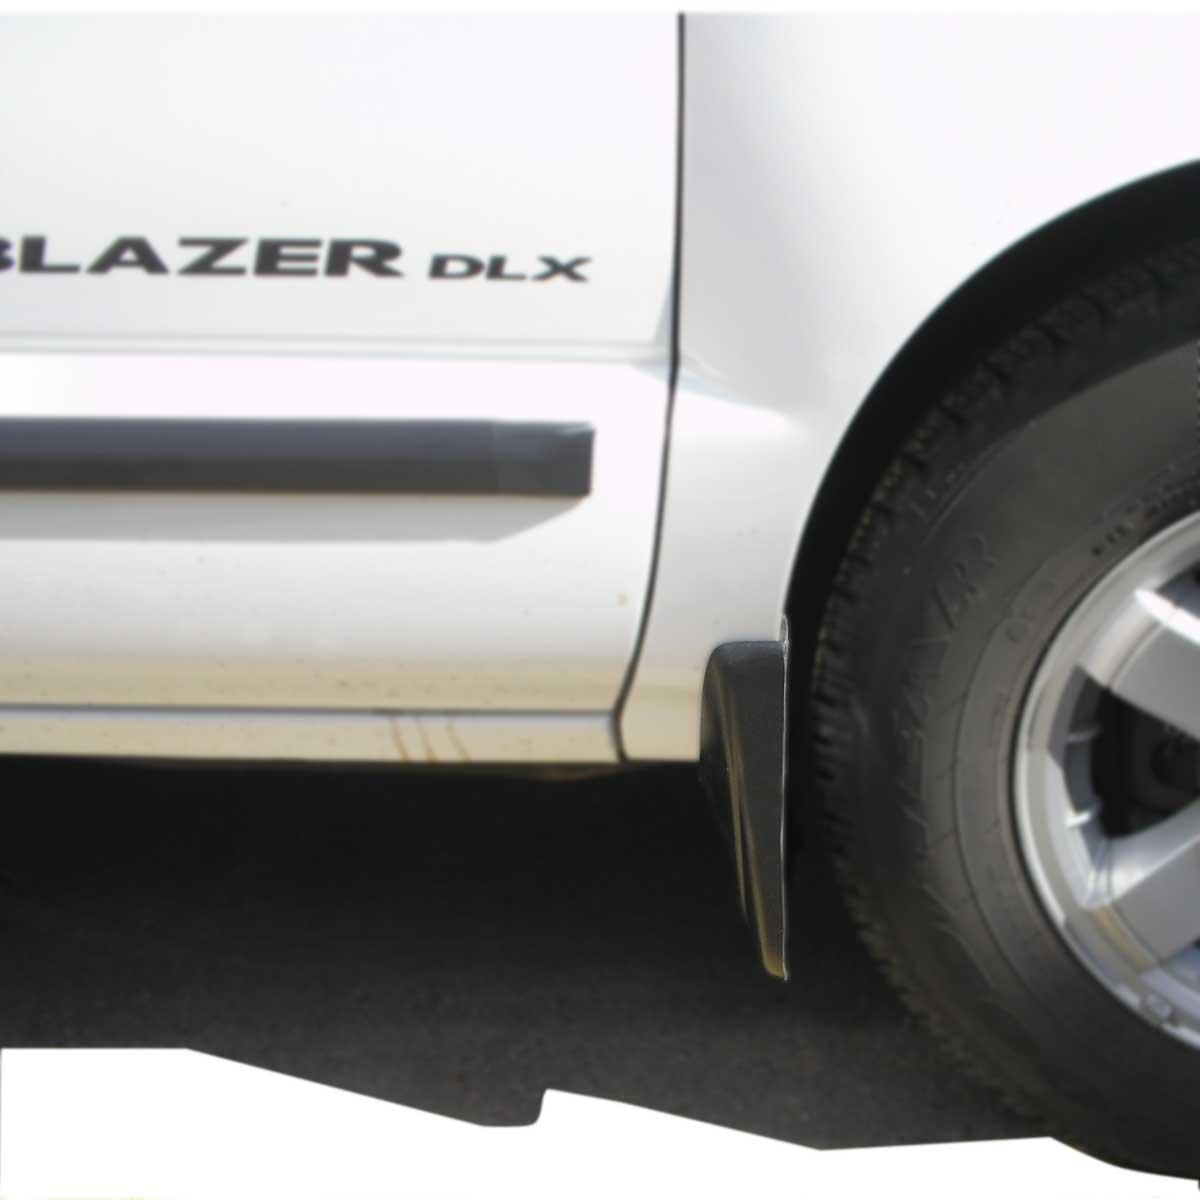 Apara barro lameira Blazer 1996 a 2011